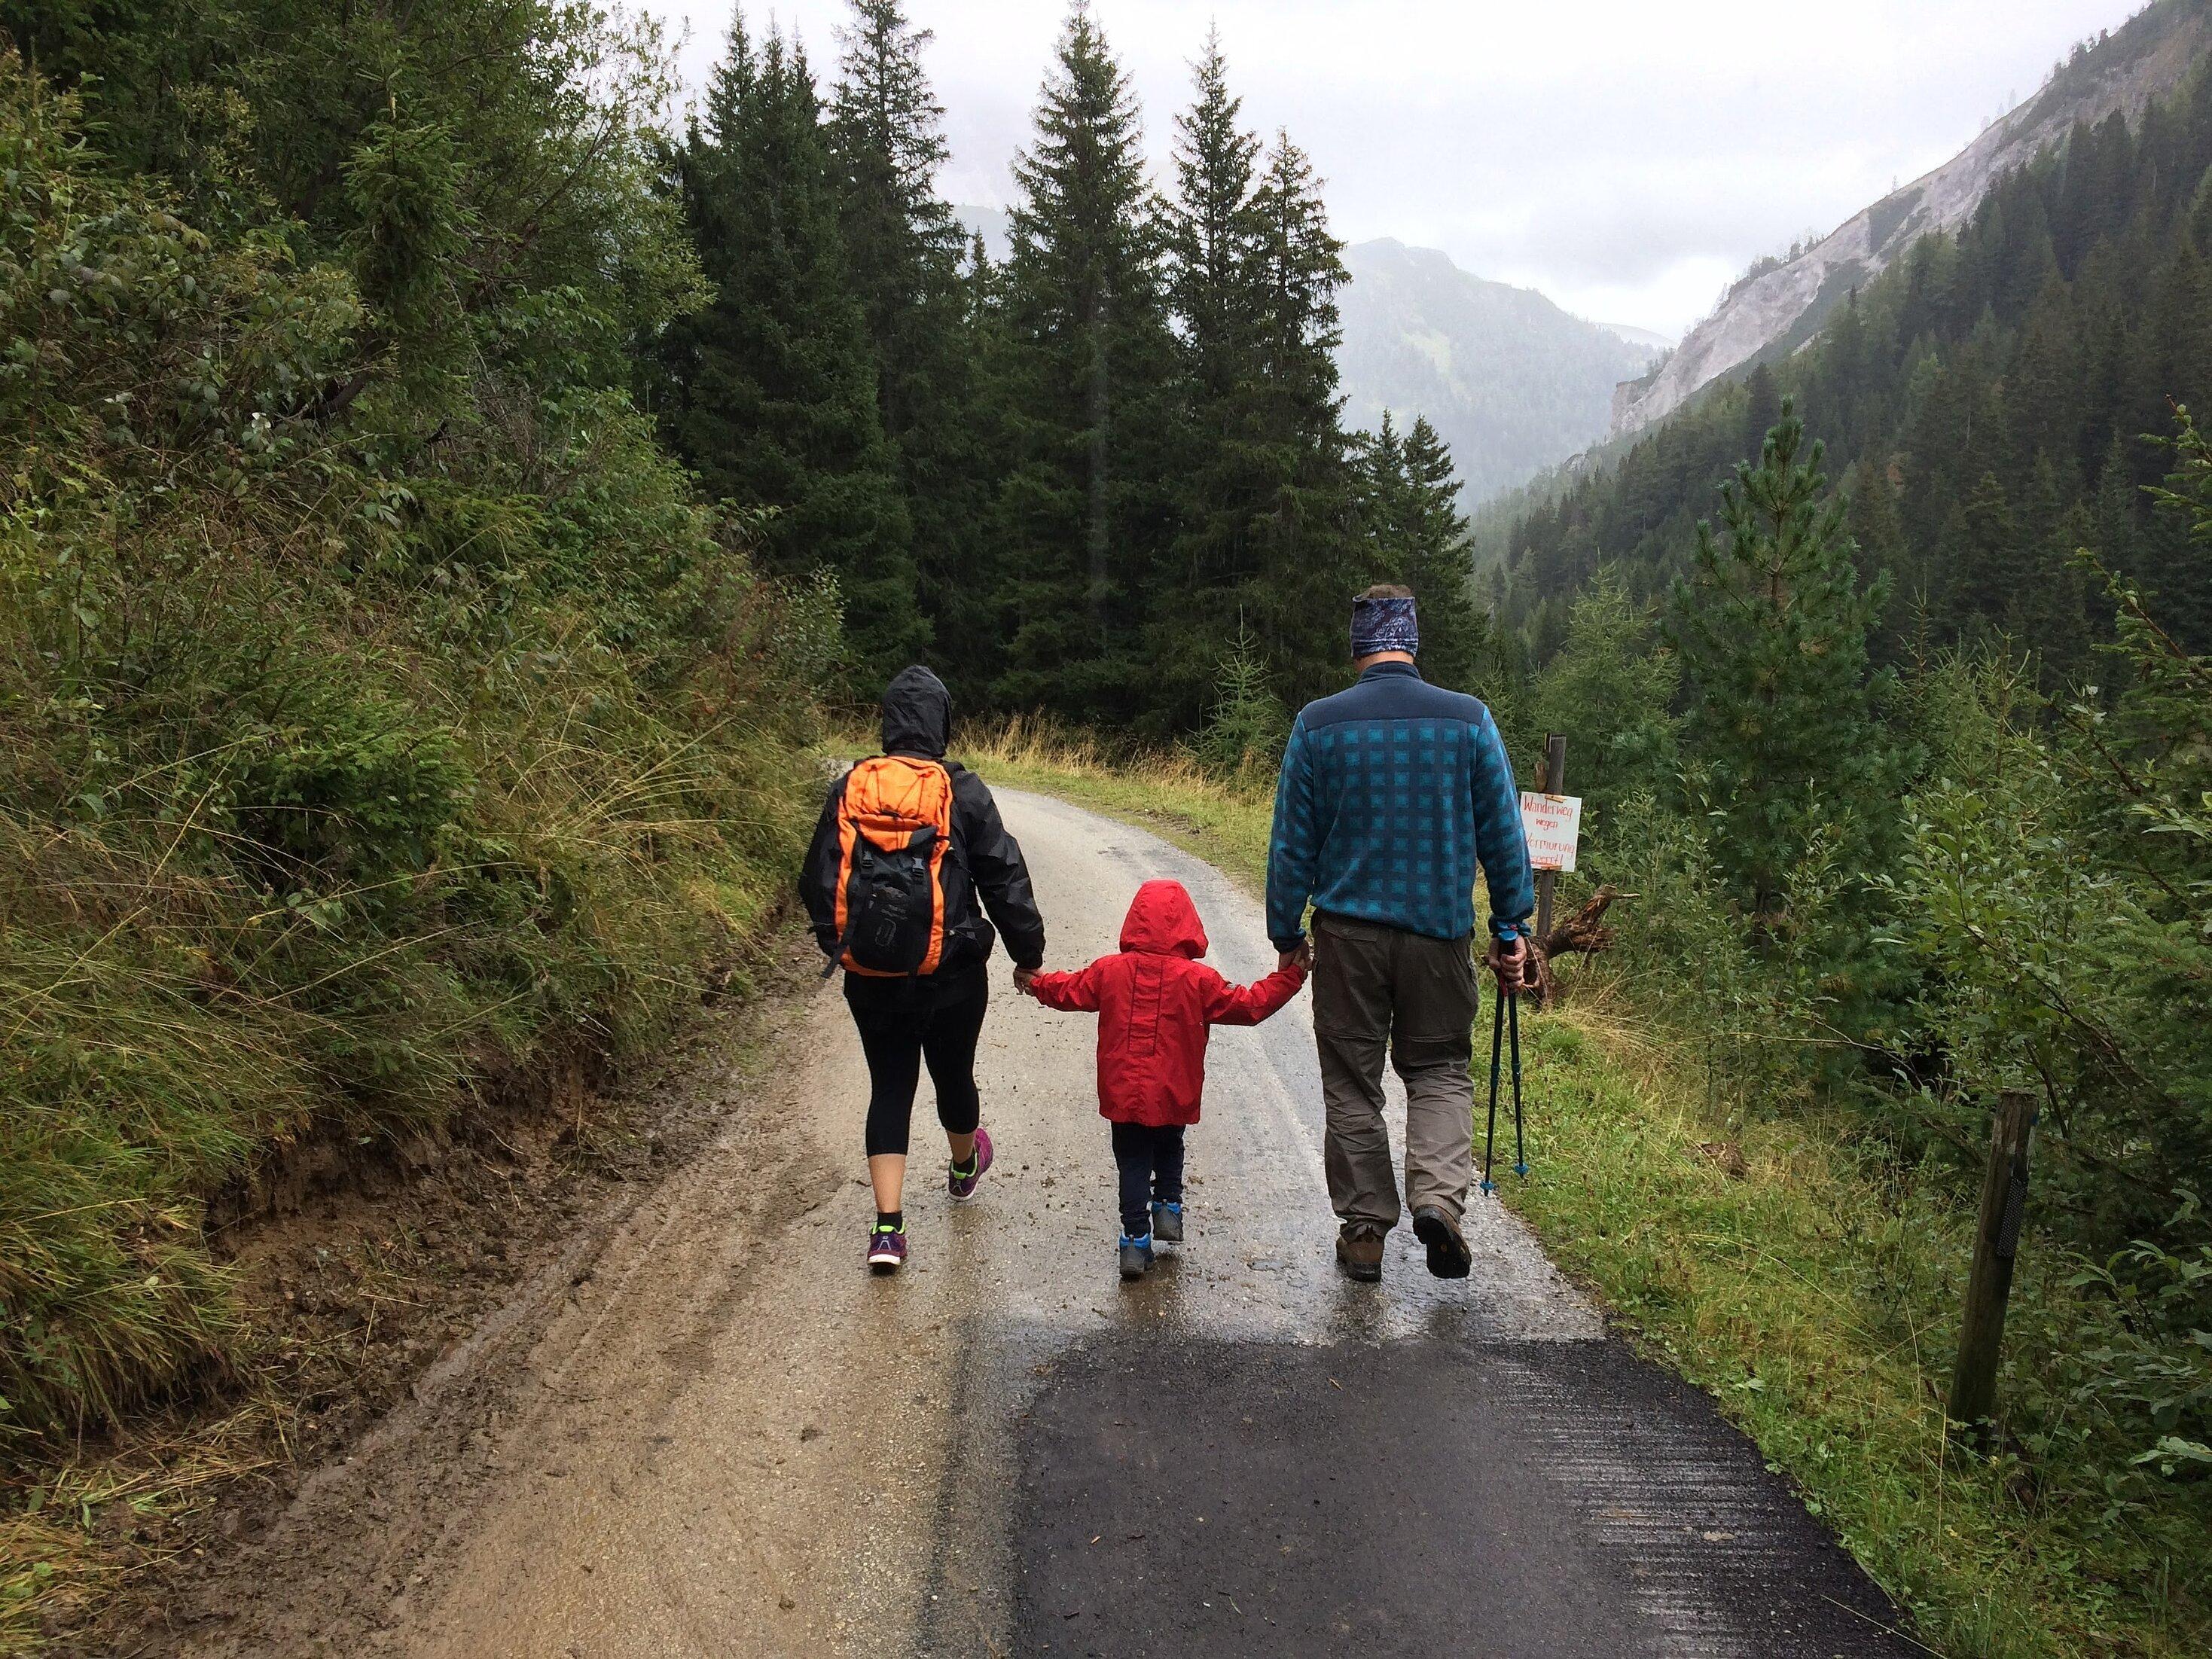 Mutter und Vater, die ein Kind in ihrer Mitte haben und wandern.